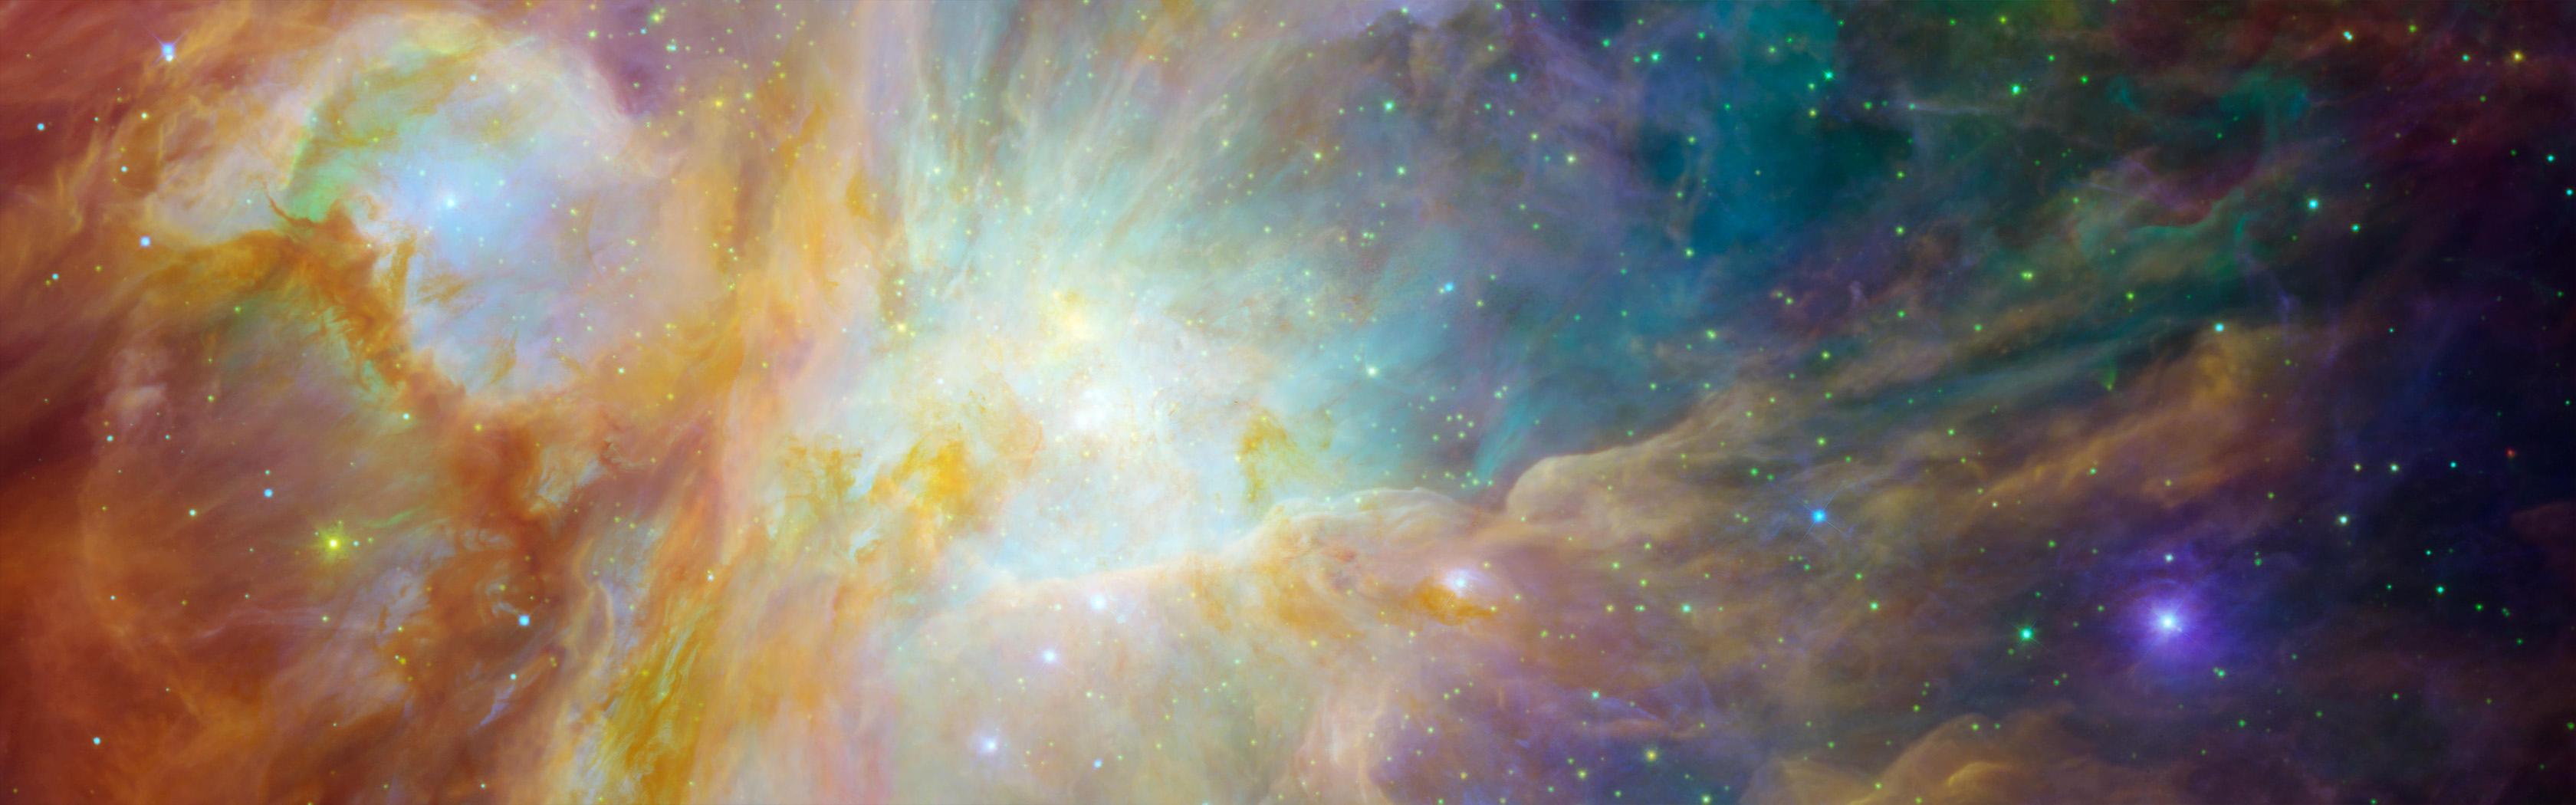 Nebula Wallpaper And Background Image 3360x1050 Id